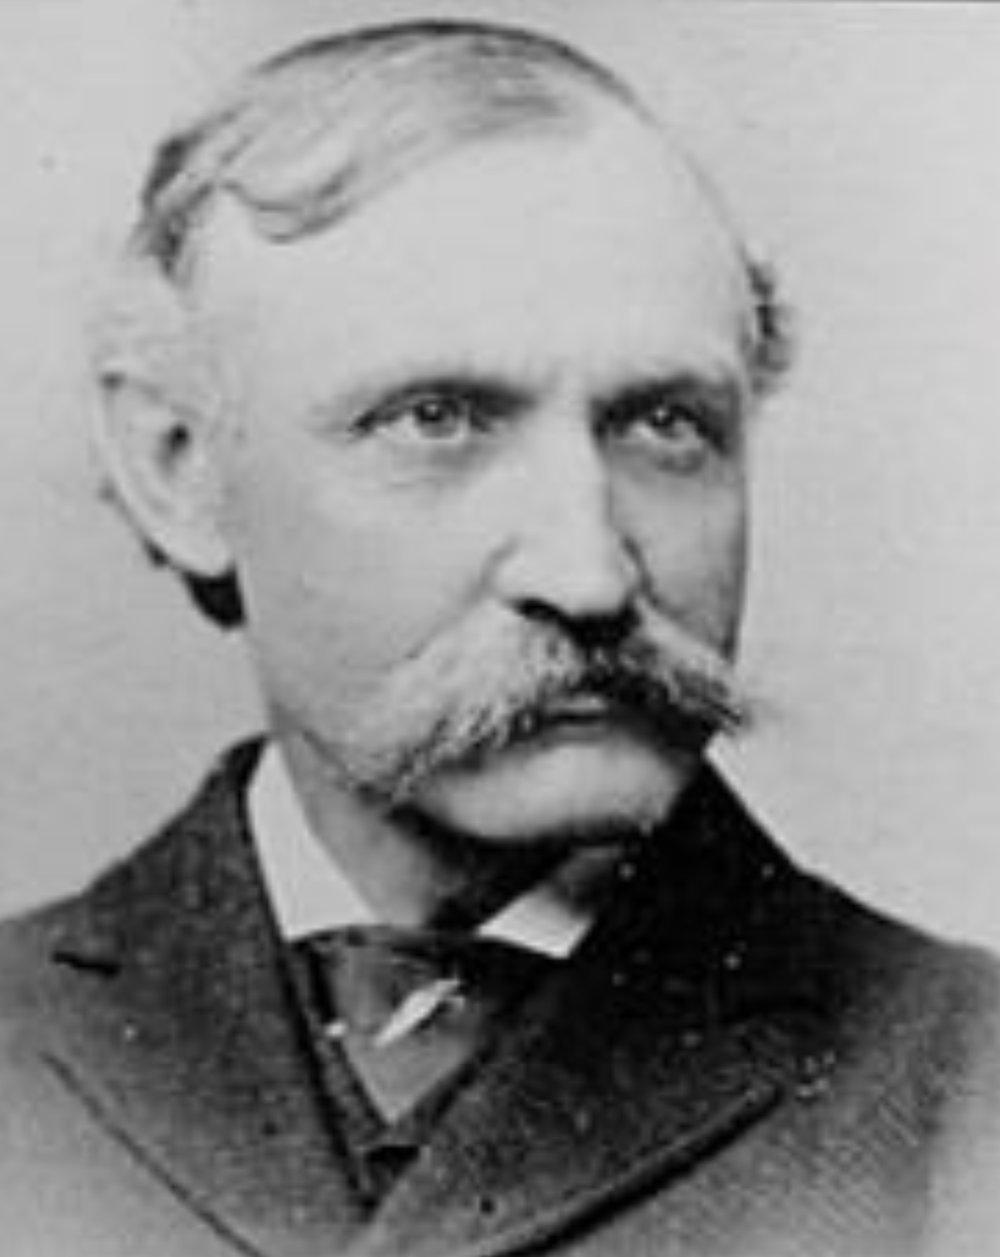 JOHN H. GALEY